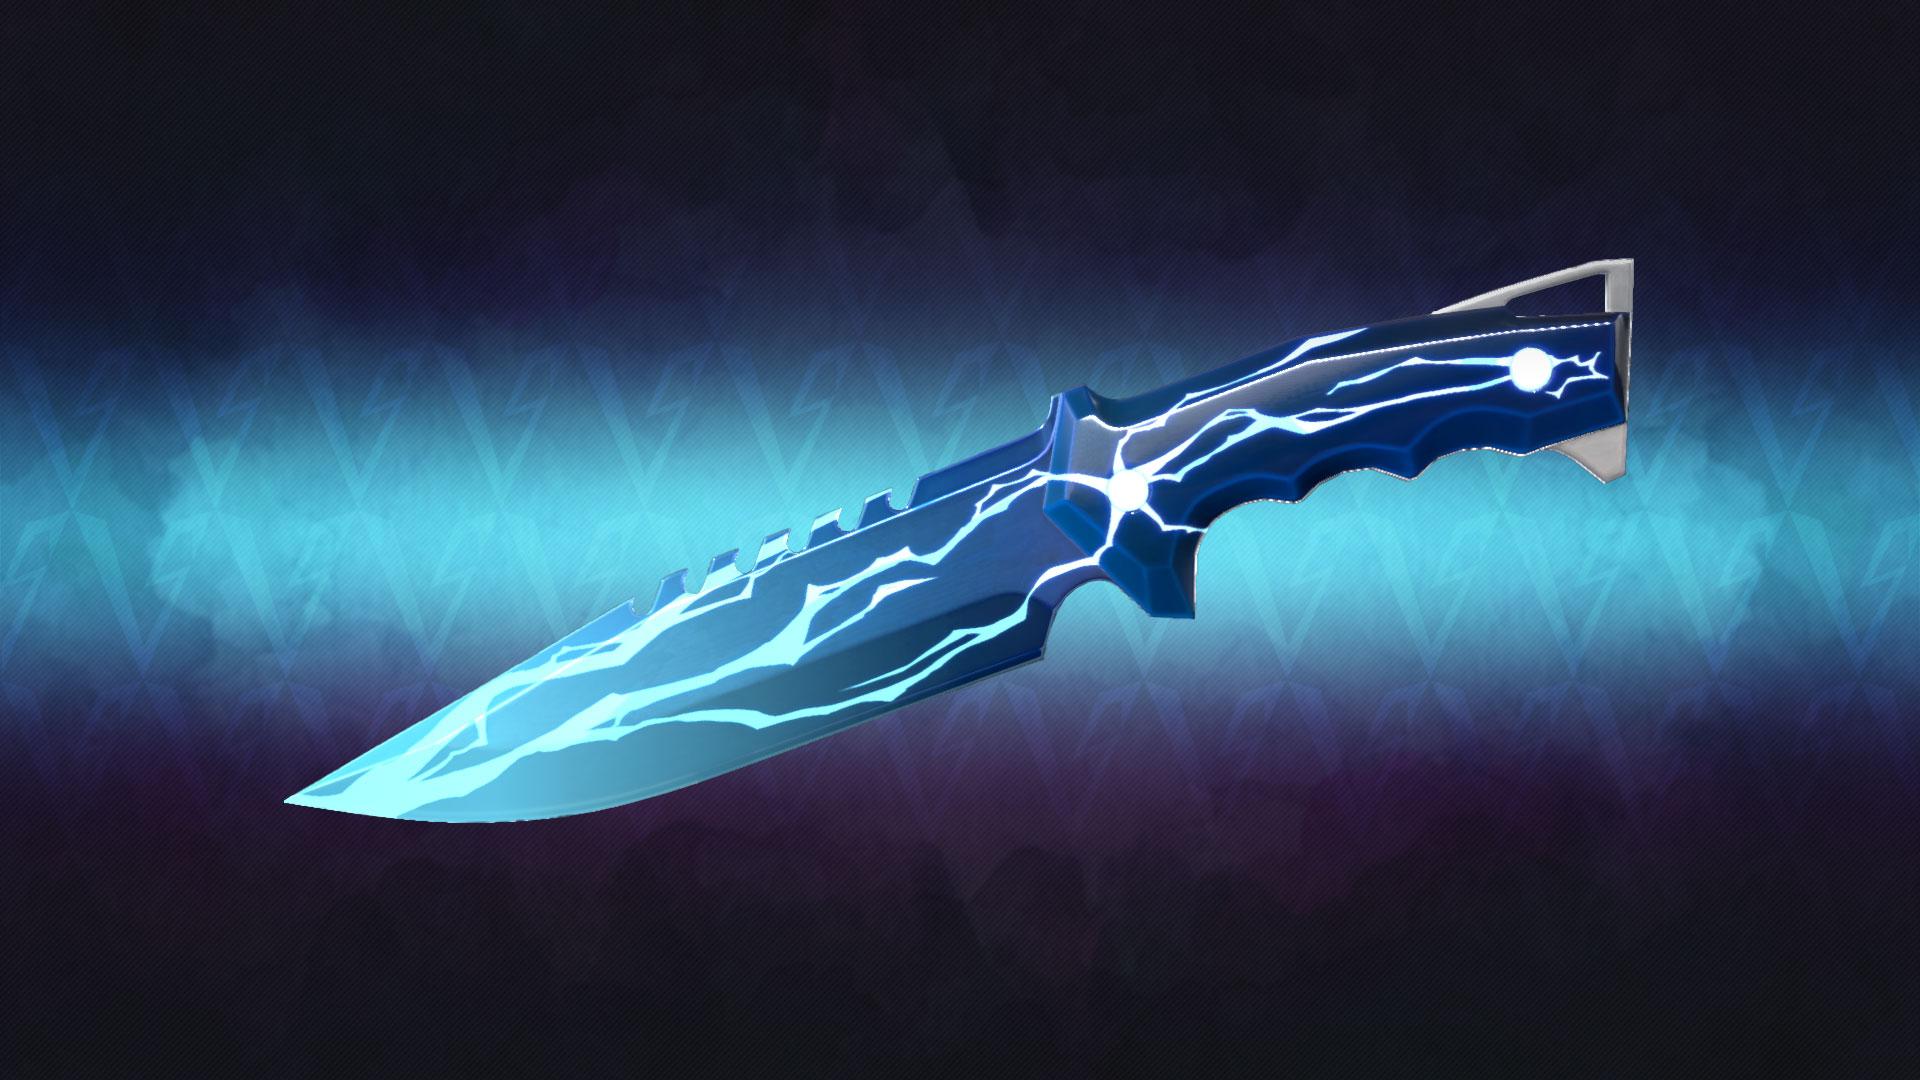 smite knife skin